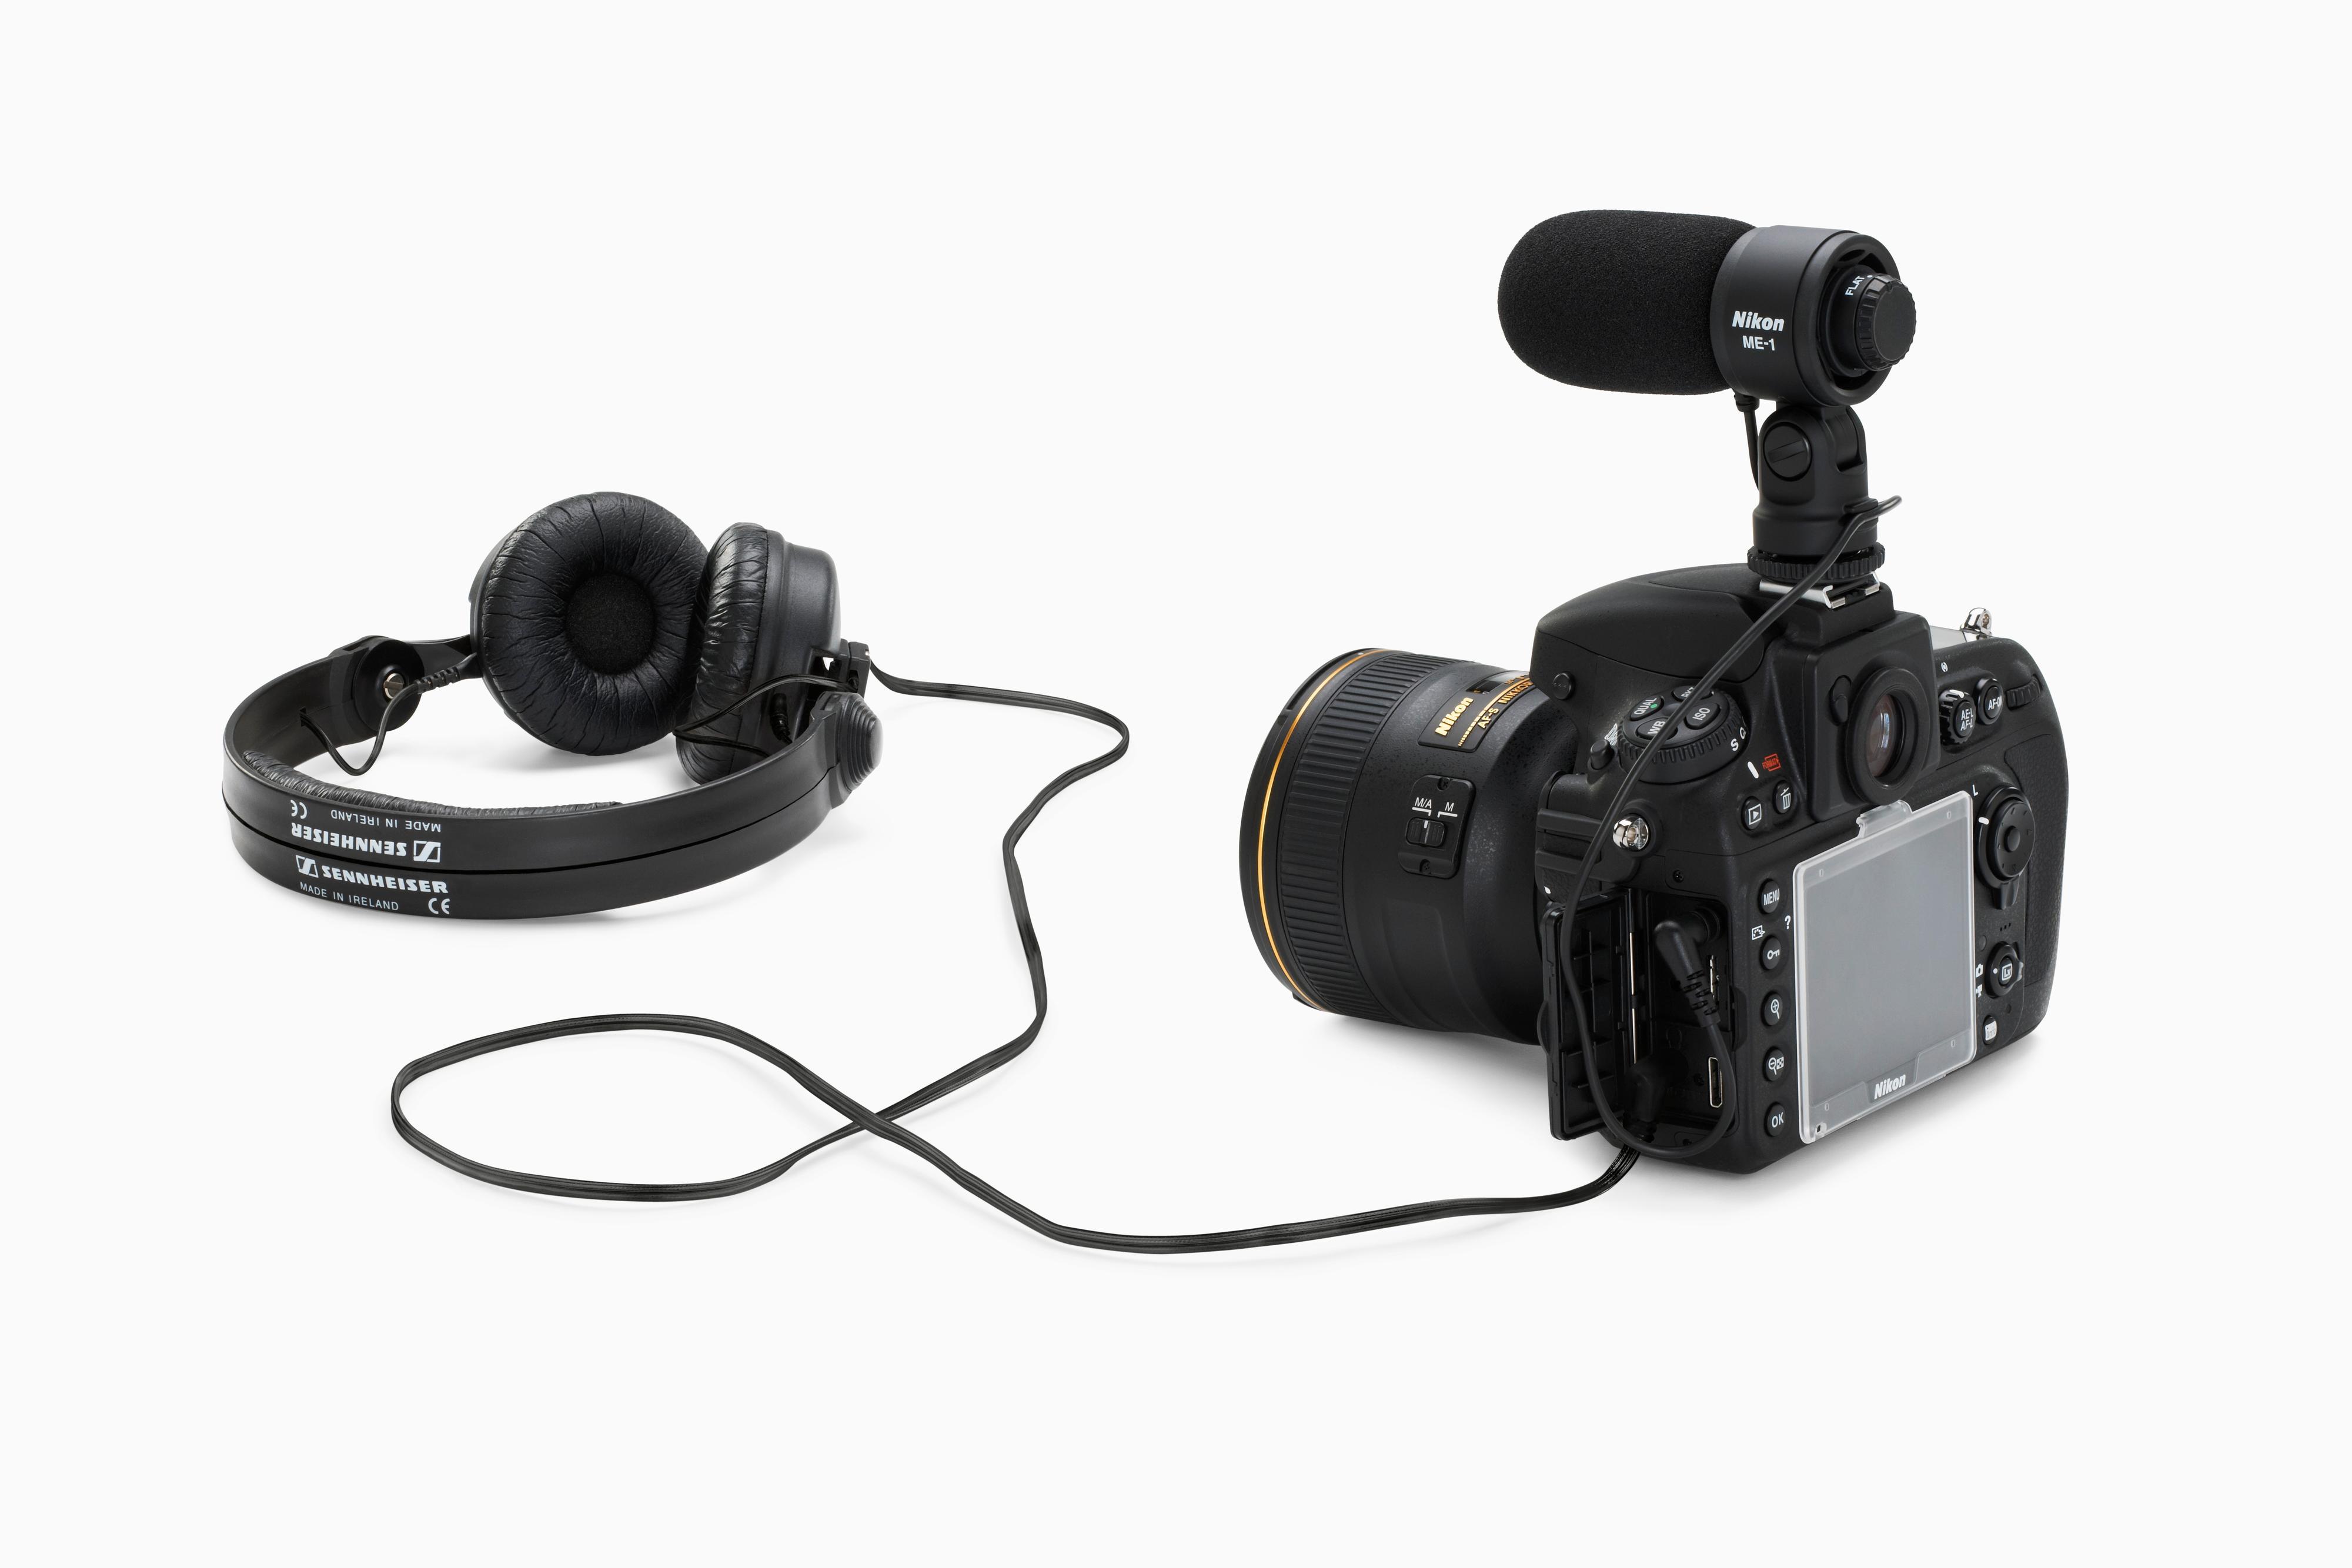 Nikon D800 er et speilreflekskamera som også kan brukes til å spille inn video.